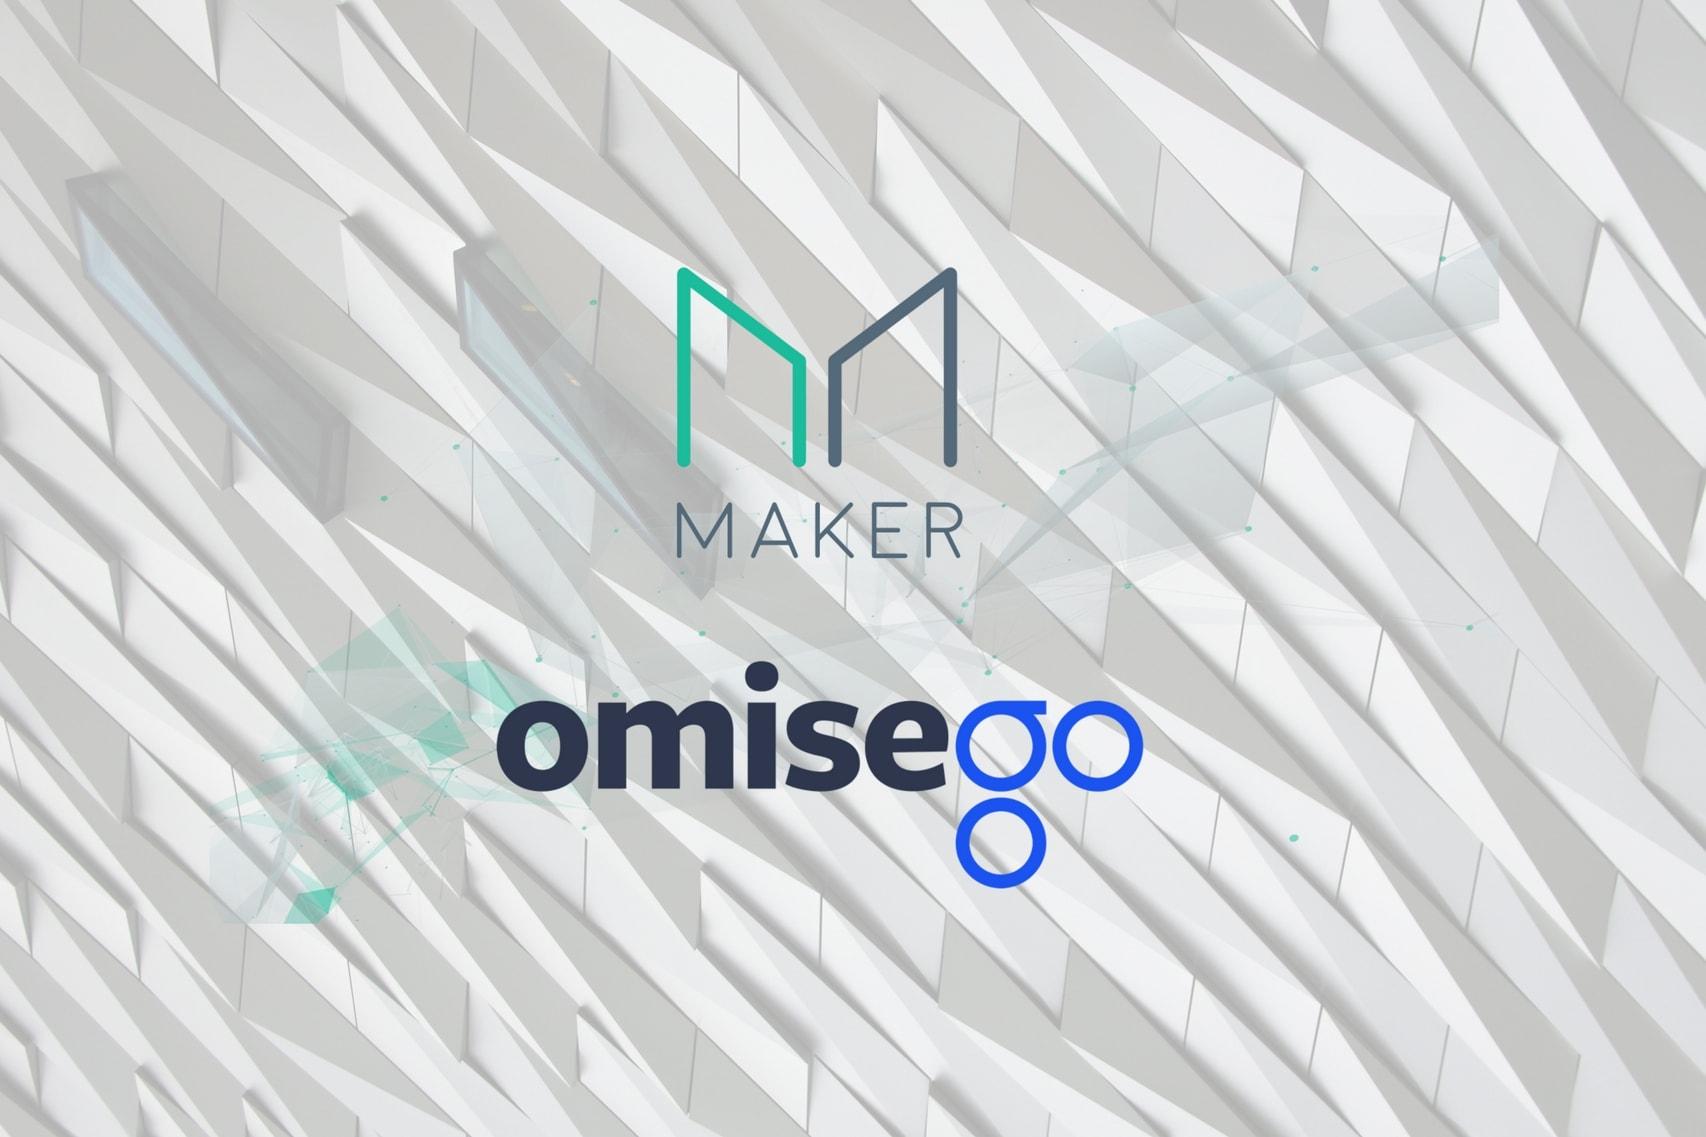 omg_mkr_collaboration